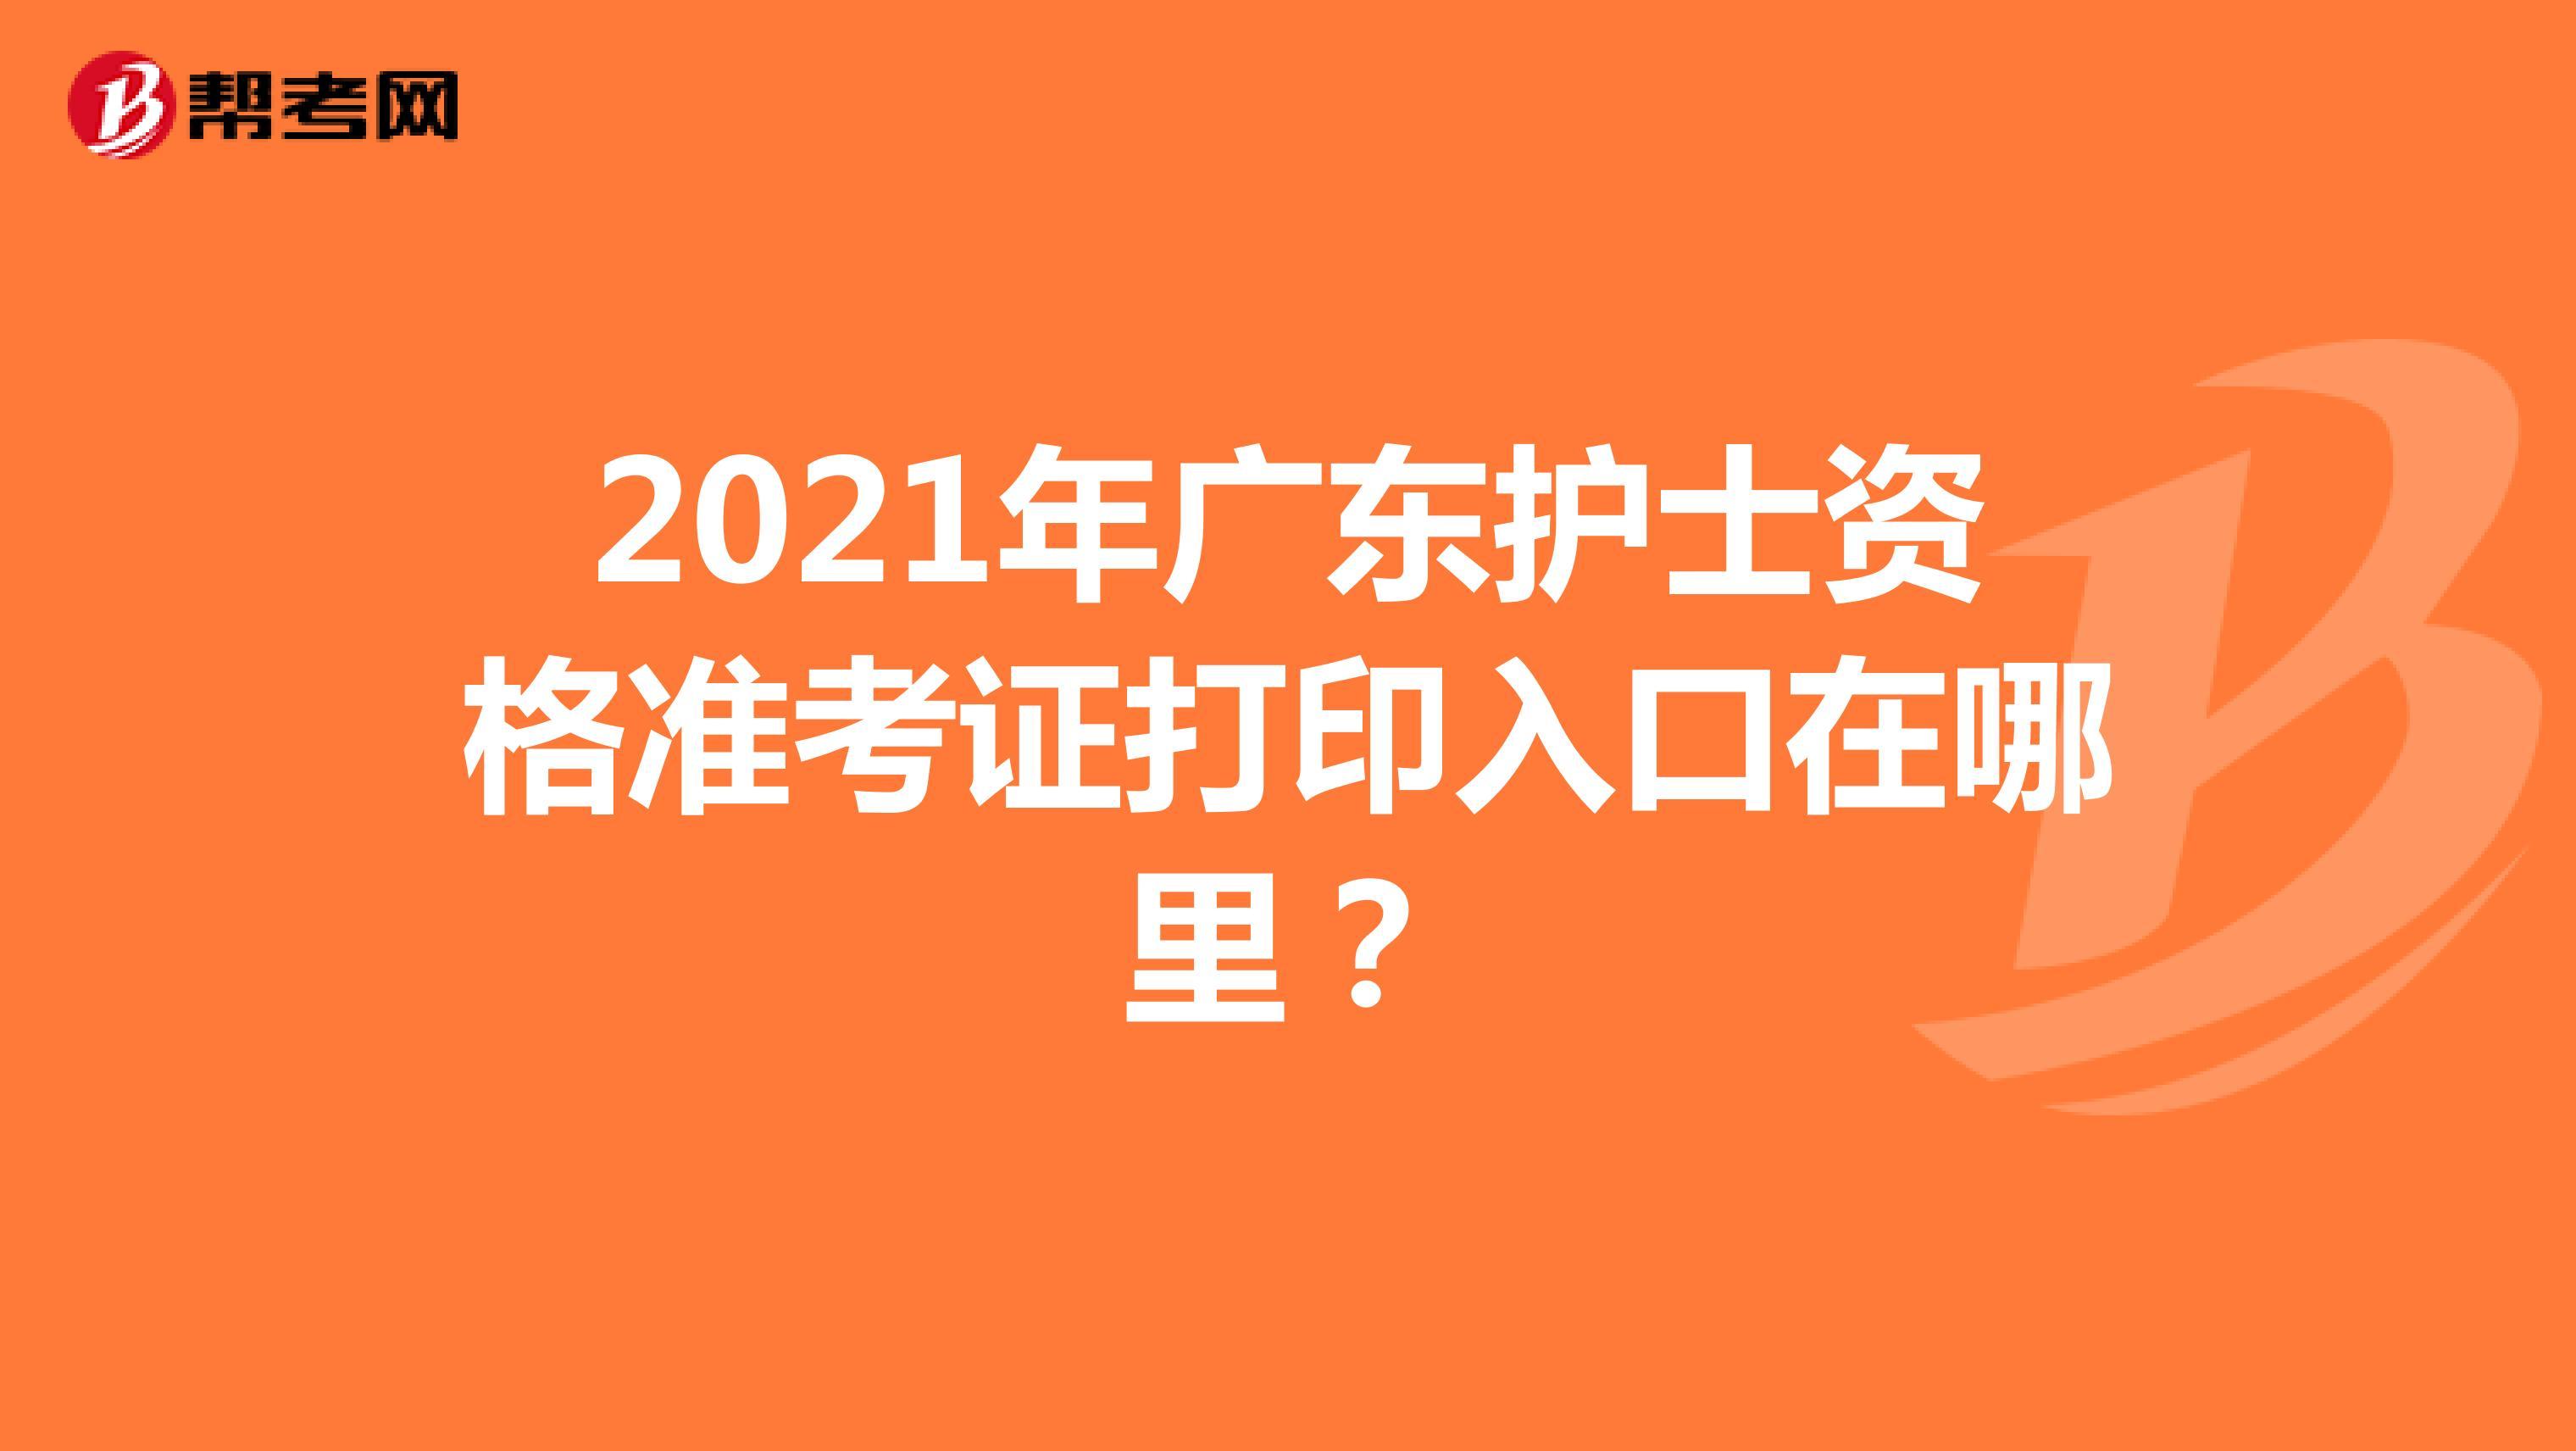 2021年广东护士资格准考证打印入口在哪里?